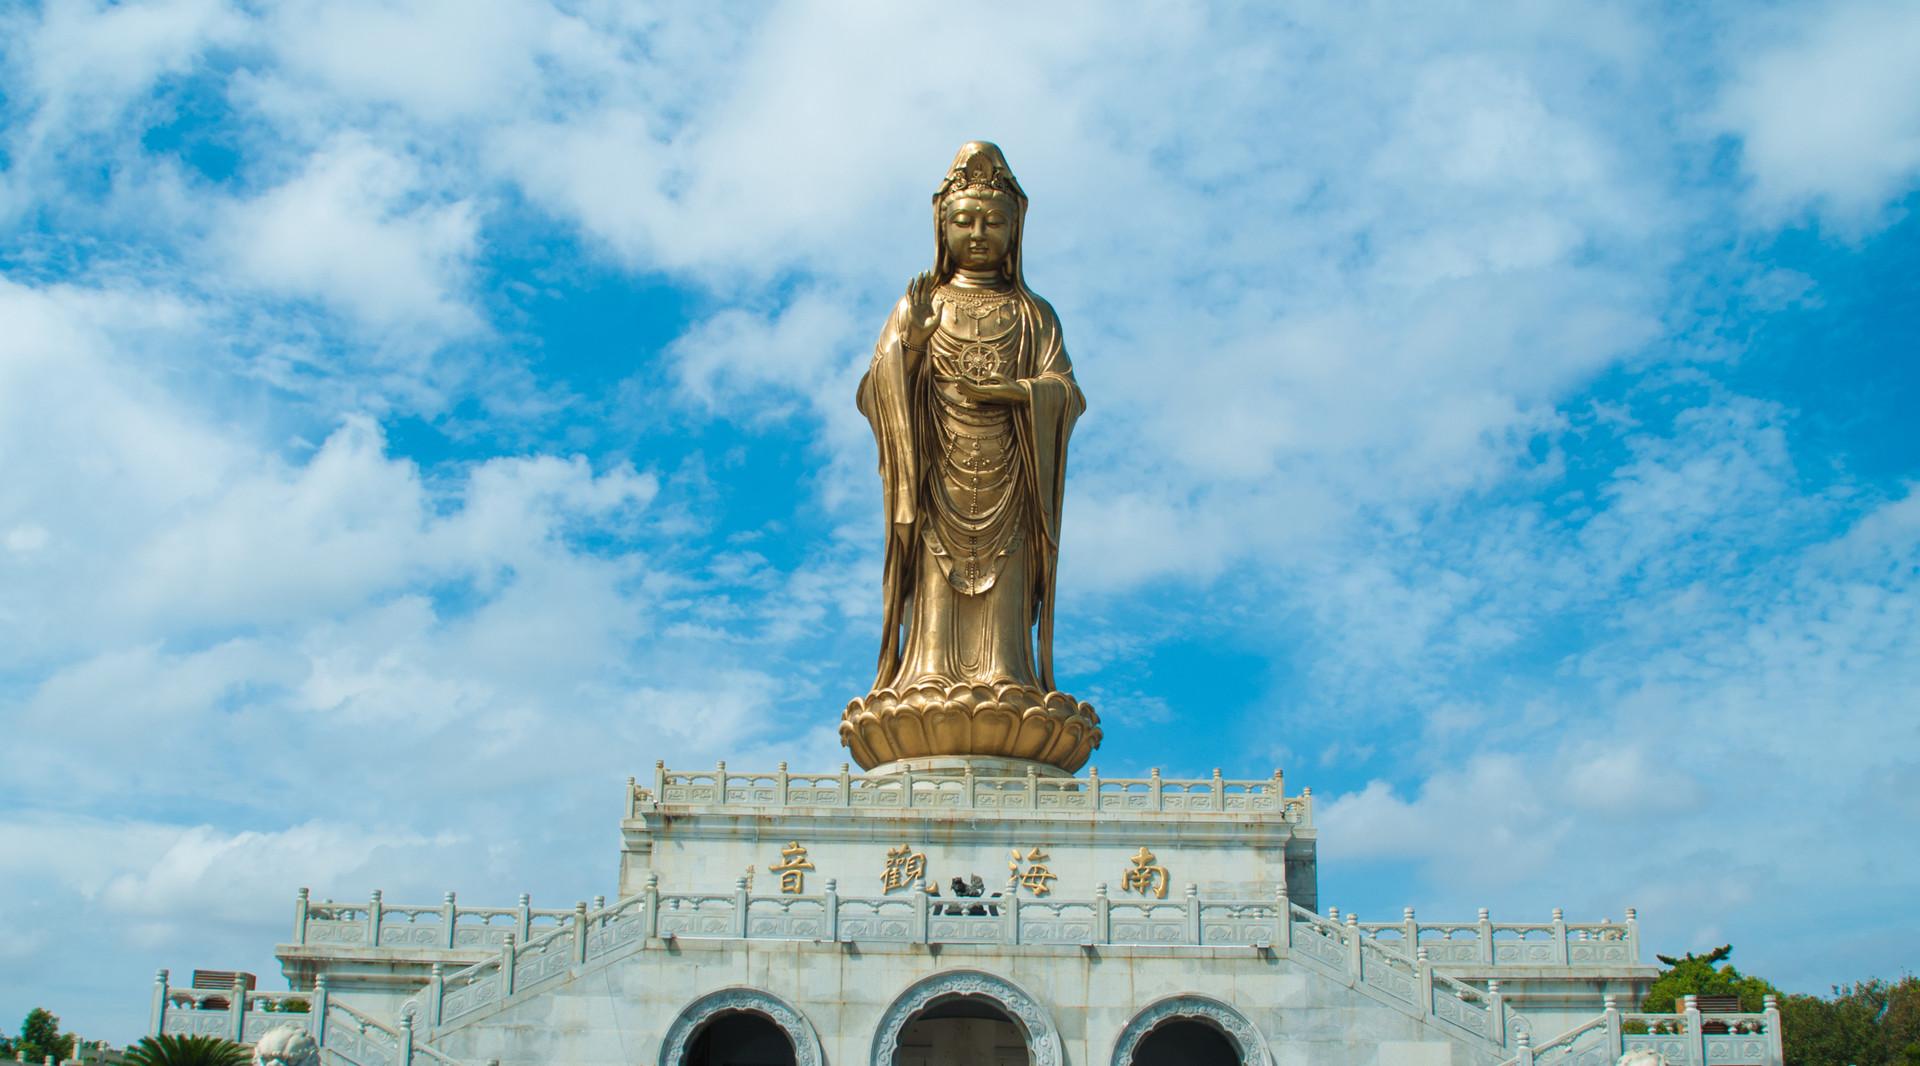 【圆梦之旅】<宁波、海天佛国普陀山、普济寺、奉化溪口五天双飞>宁波往返